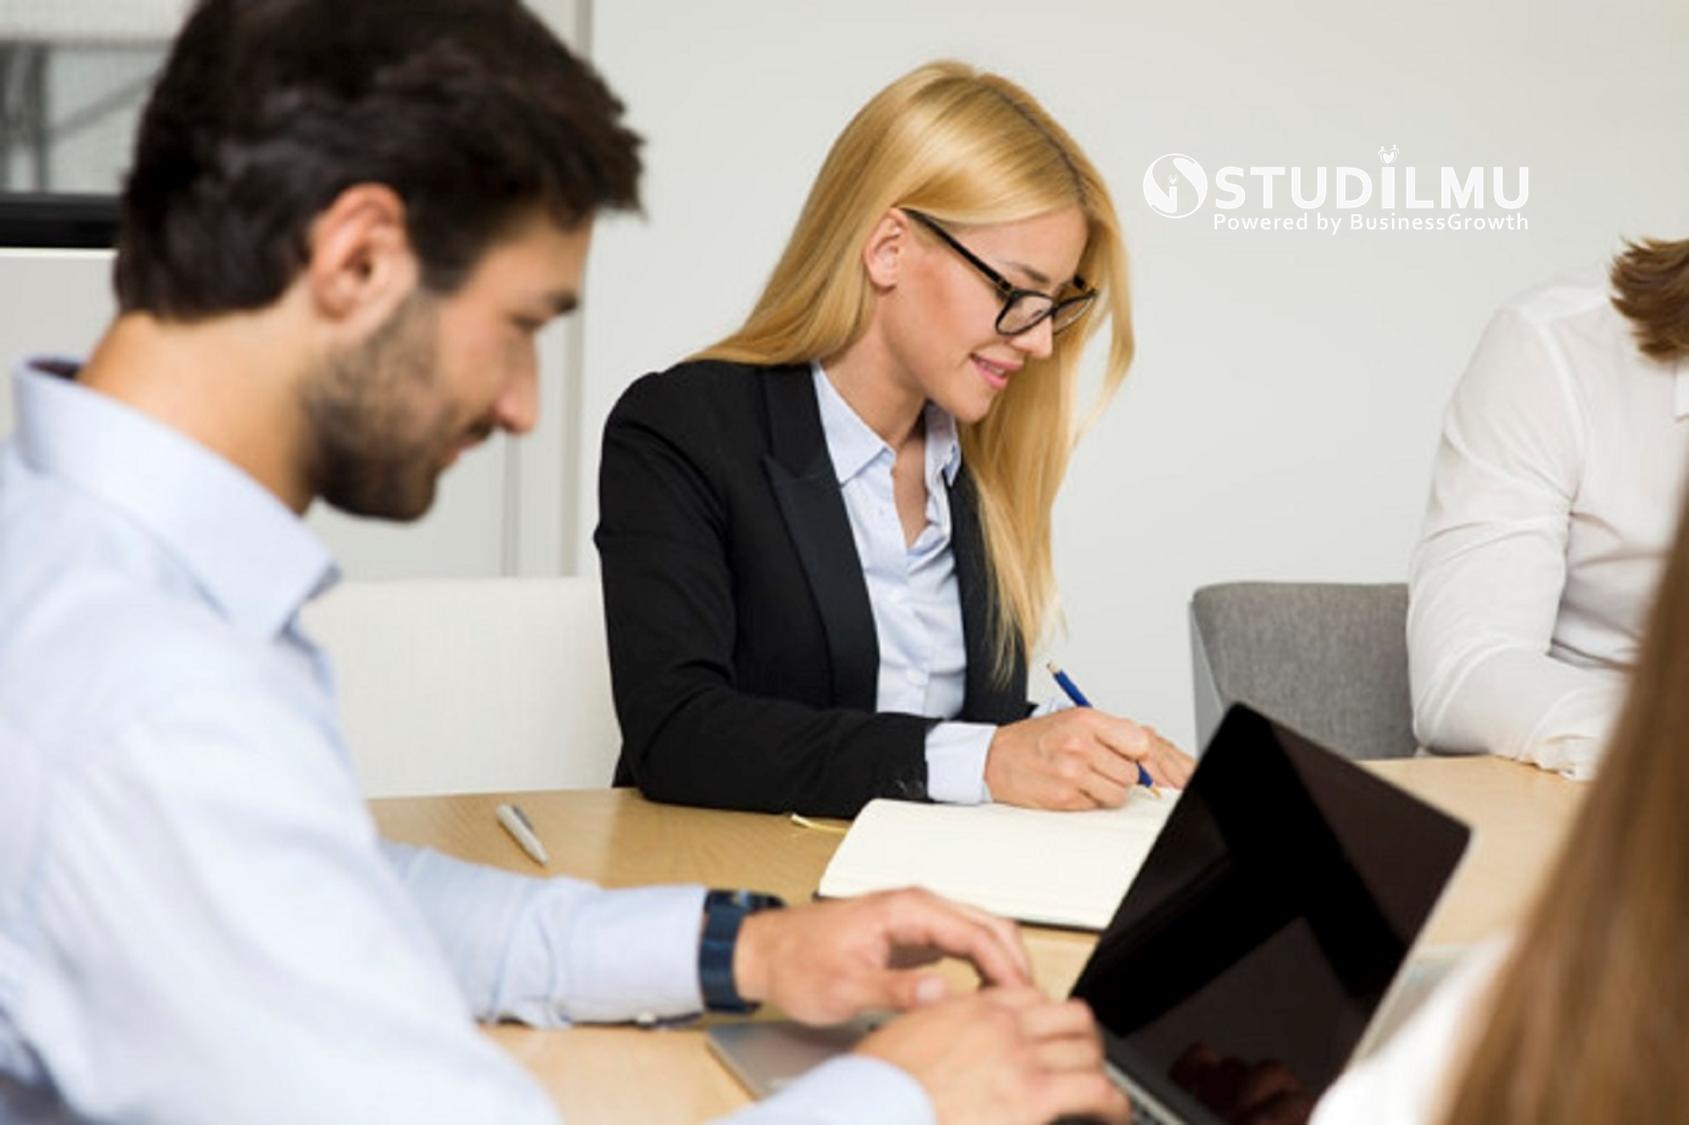 STUDILMU Career Advice - 11 Karakter Orang Baik yang Membawa Perkembangan Karier